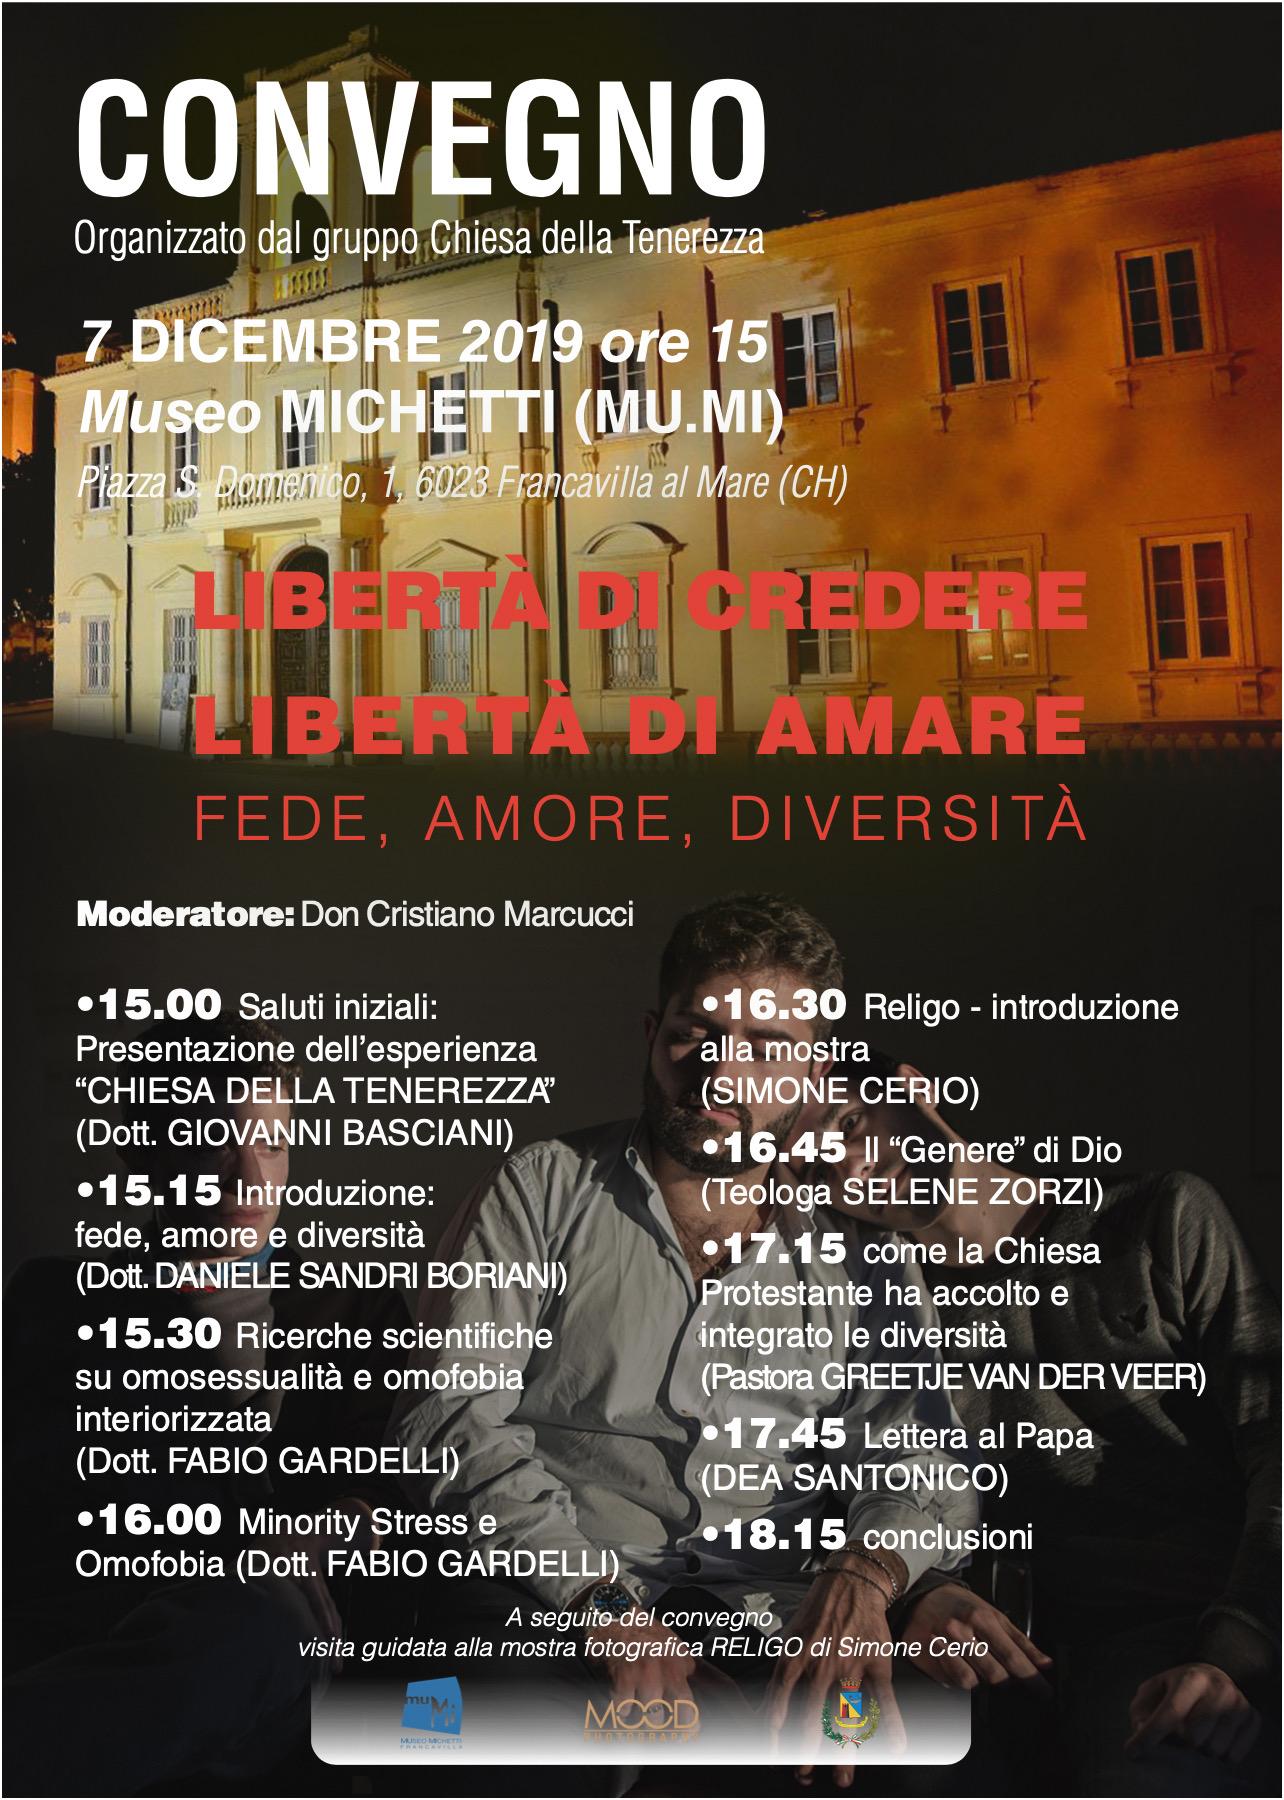 Simone Cerio protagonista al museo Michetti con 'Religo'